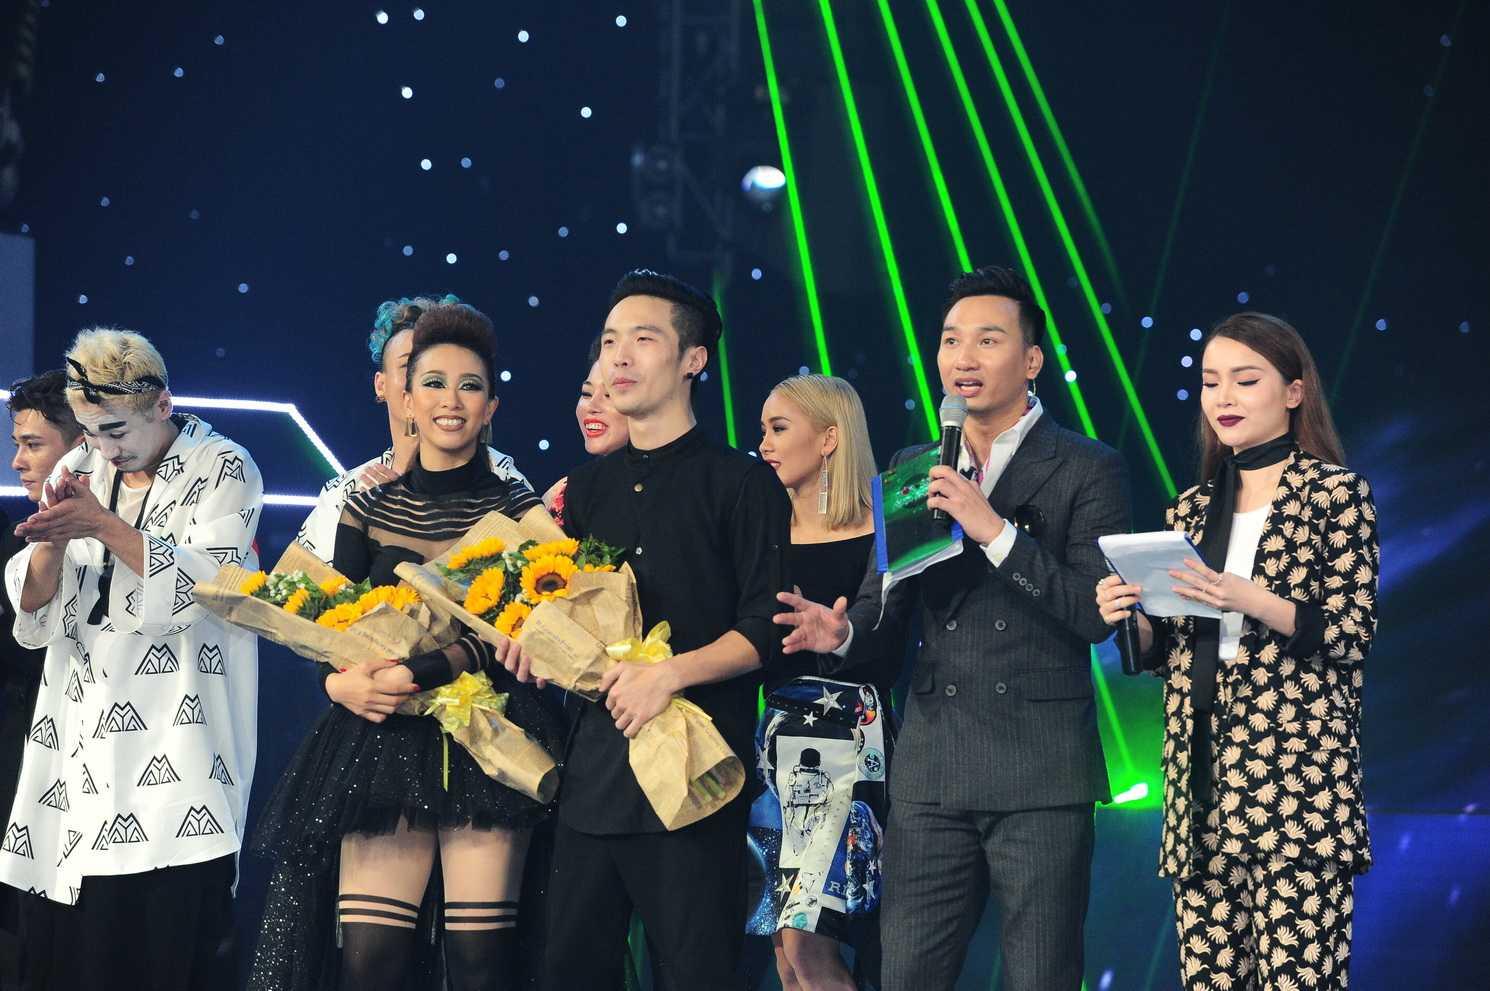 Team của ca sĩ Hoàng Thùy Linh đã chiến thắng trong liveshow 3 The Remix